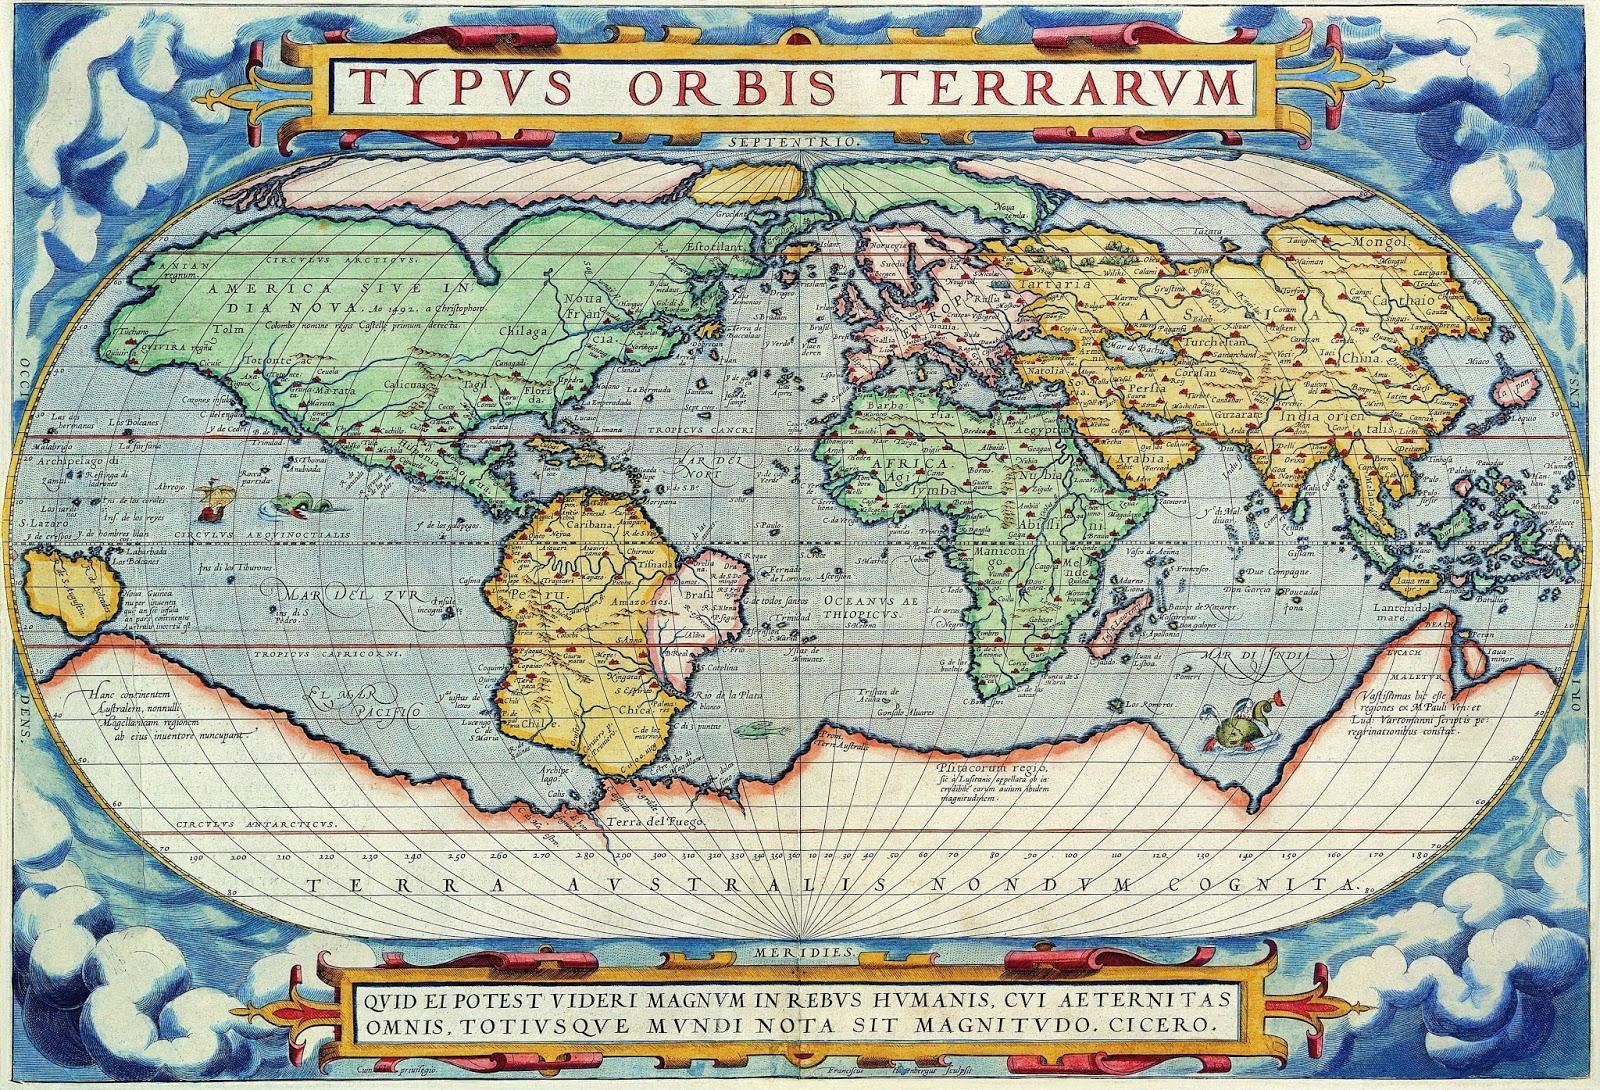 Великая Тартария - Империя Русов